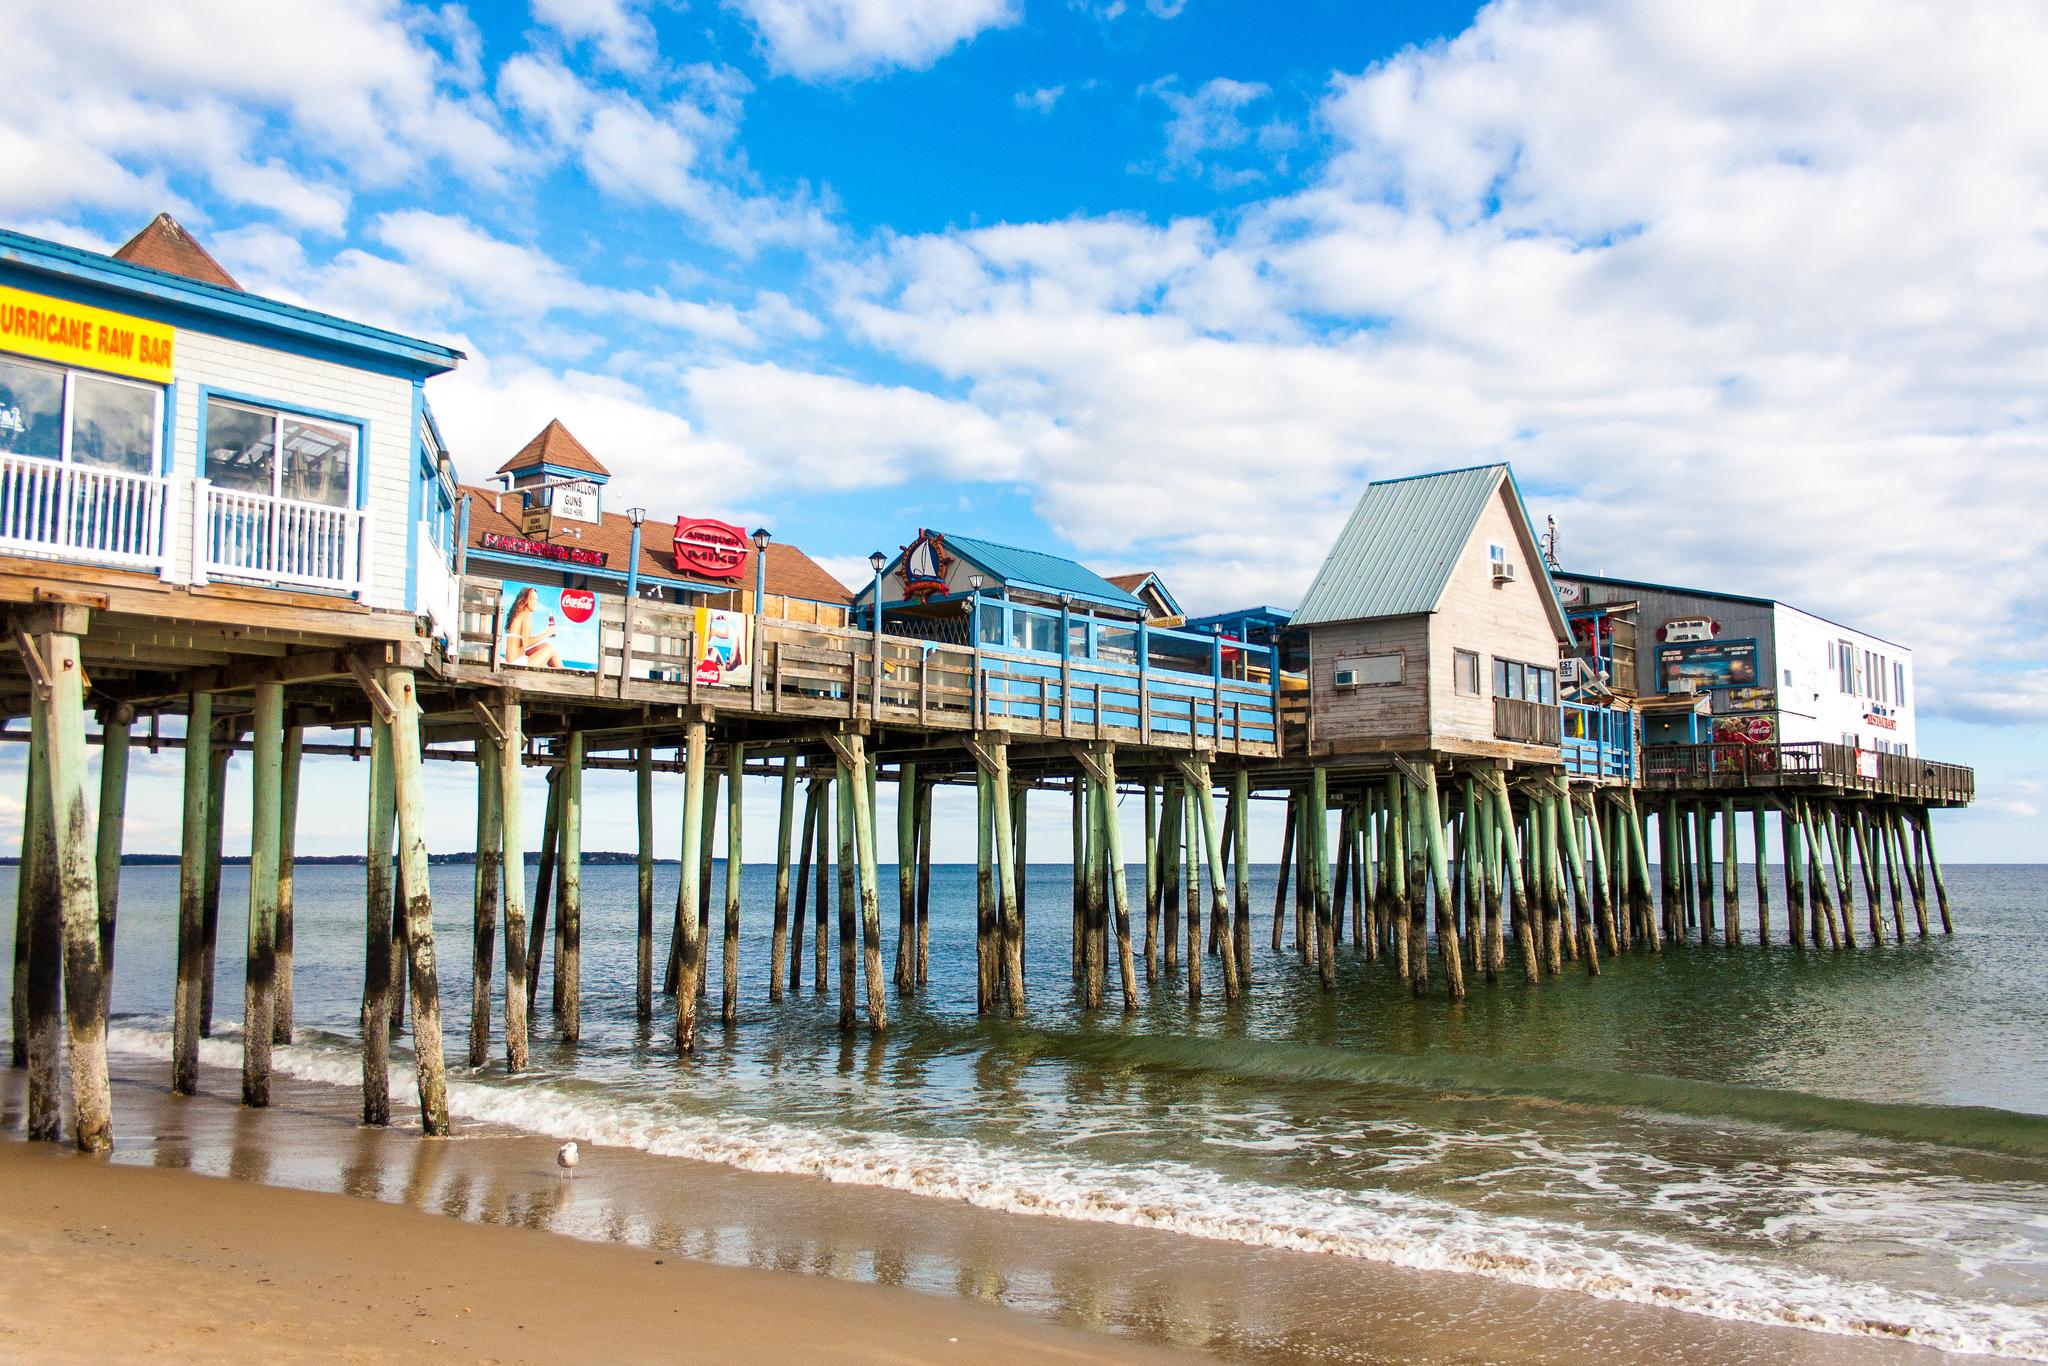 Old Orchard Beach Pier   © Paul VanDerWerf/Flickr